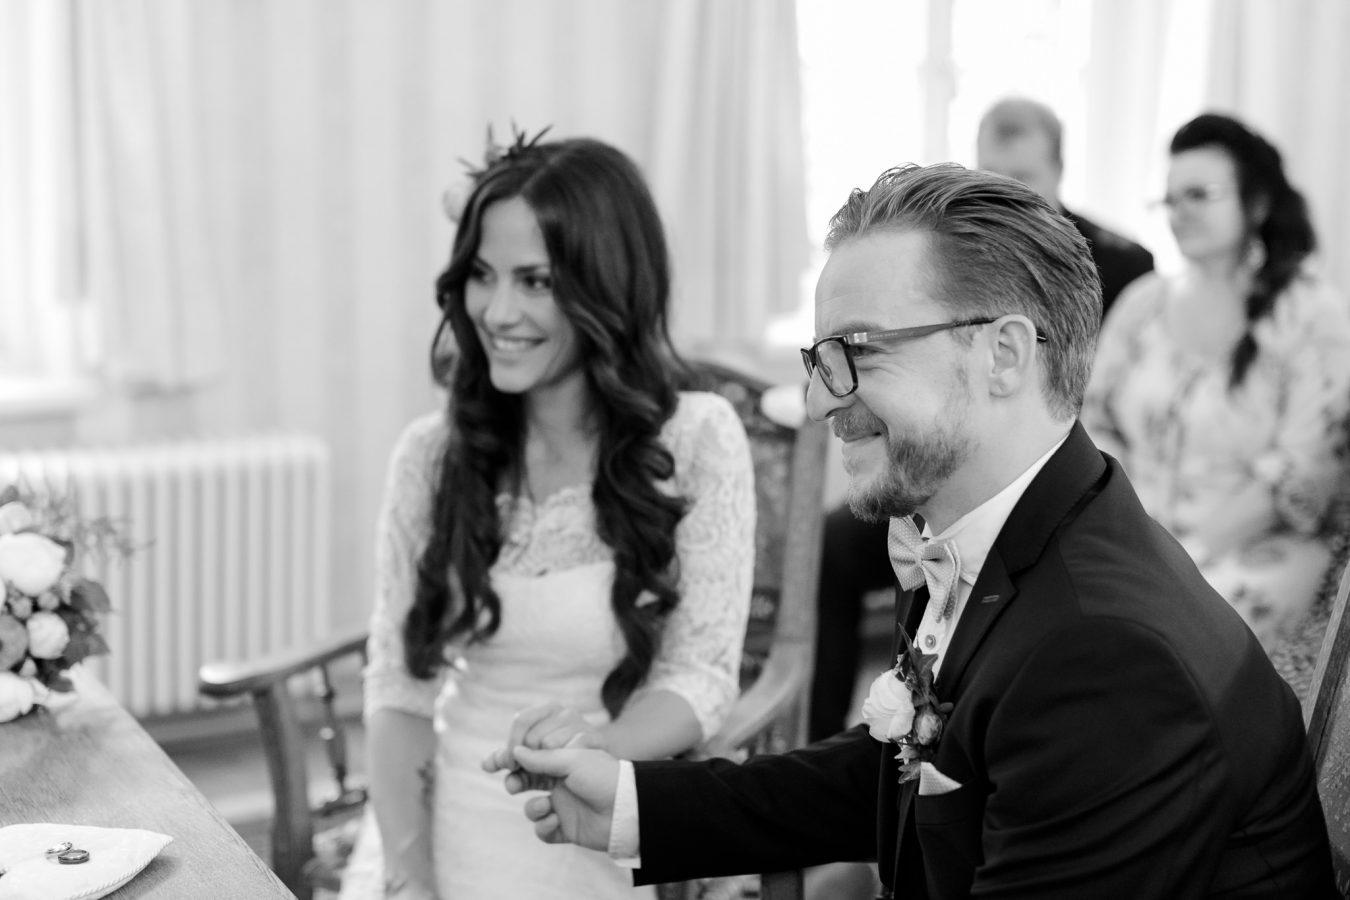 Hochzeitsfotograf Hamburg - Paar bei der standesamtlichen Trauung